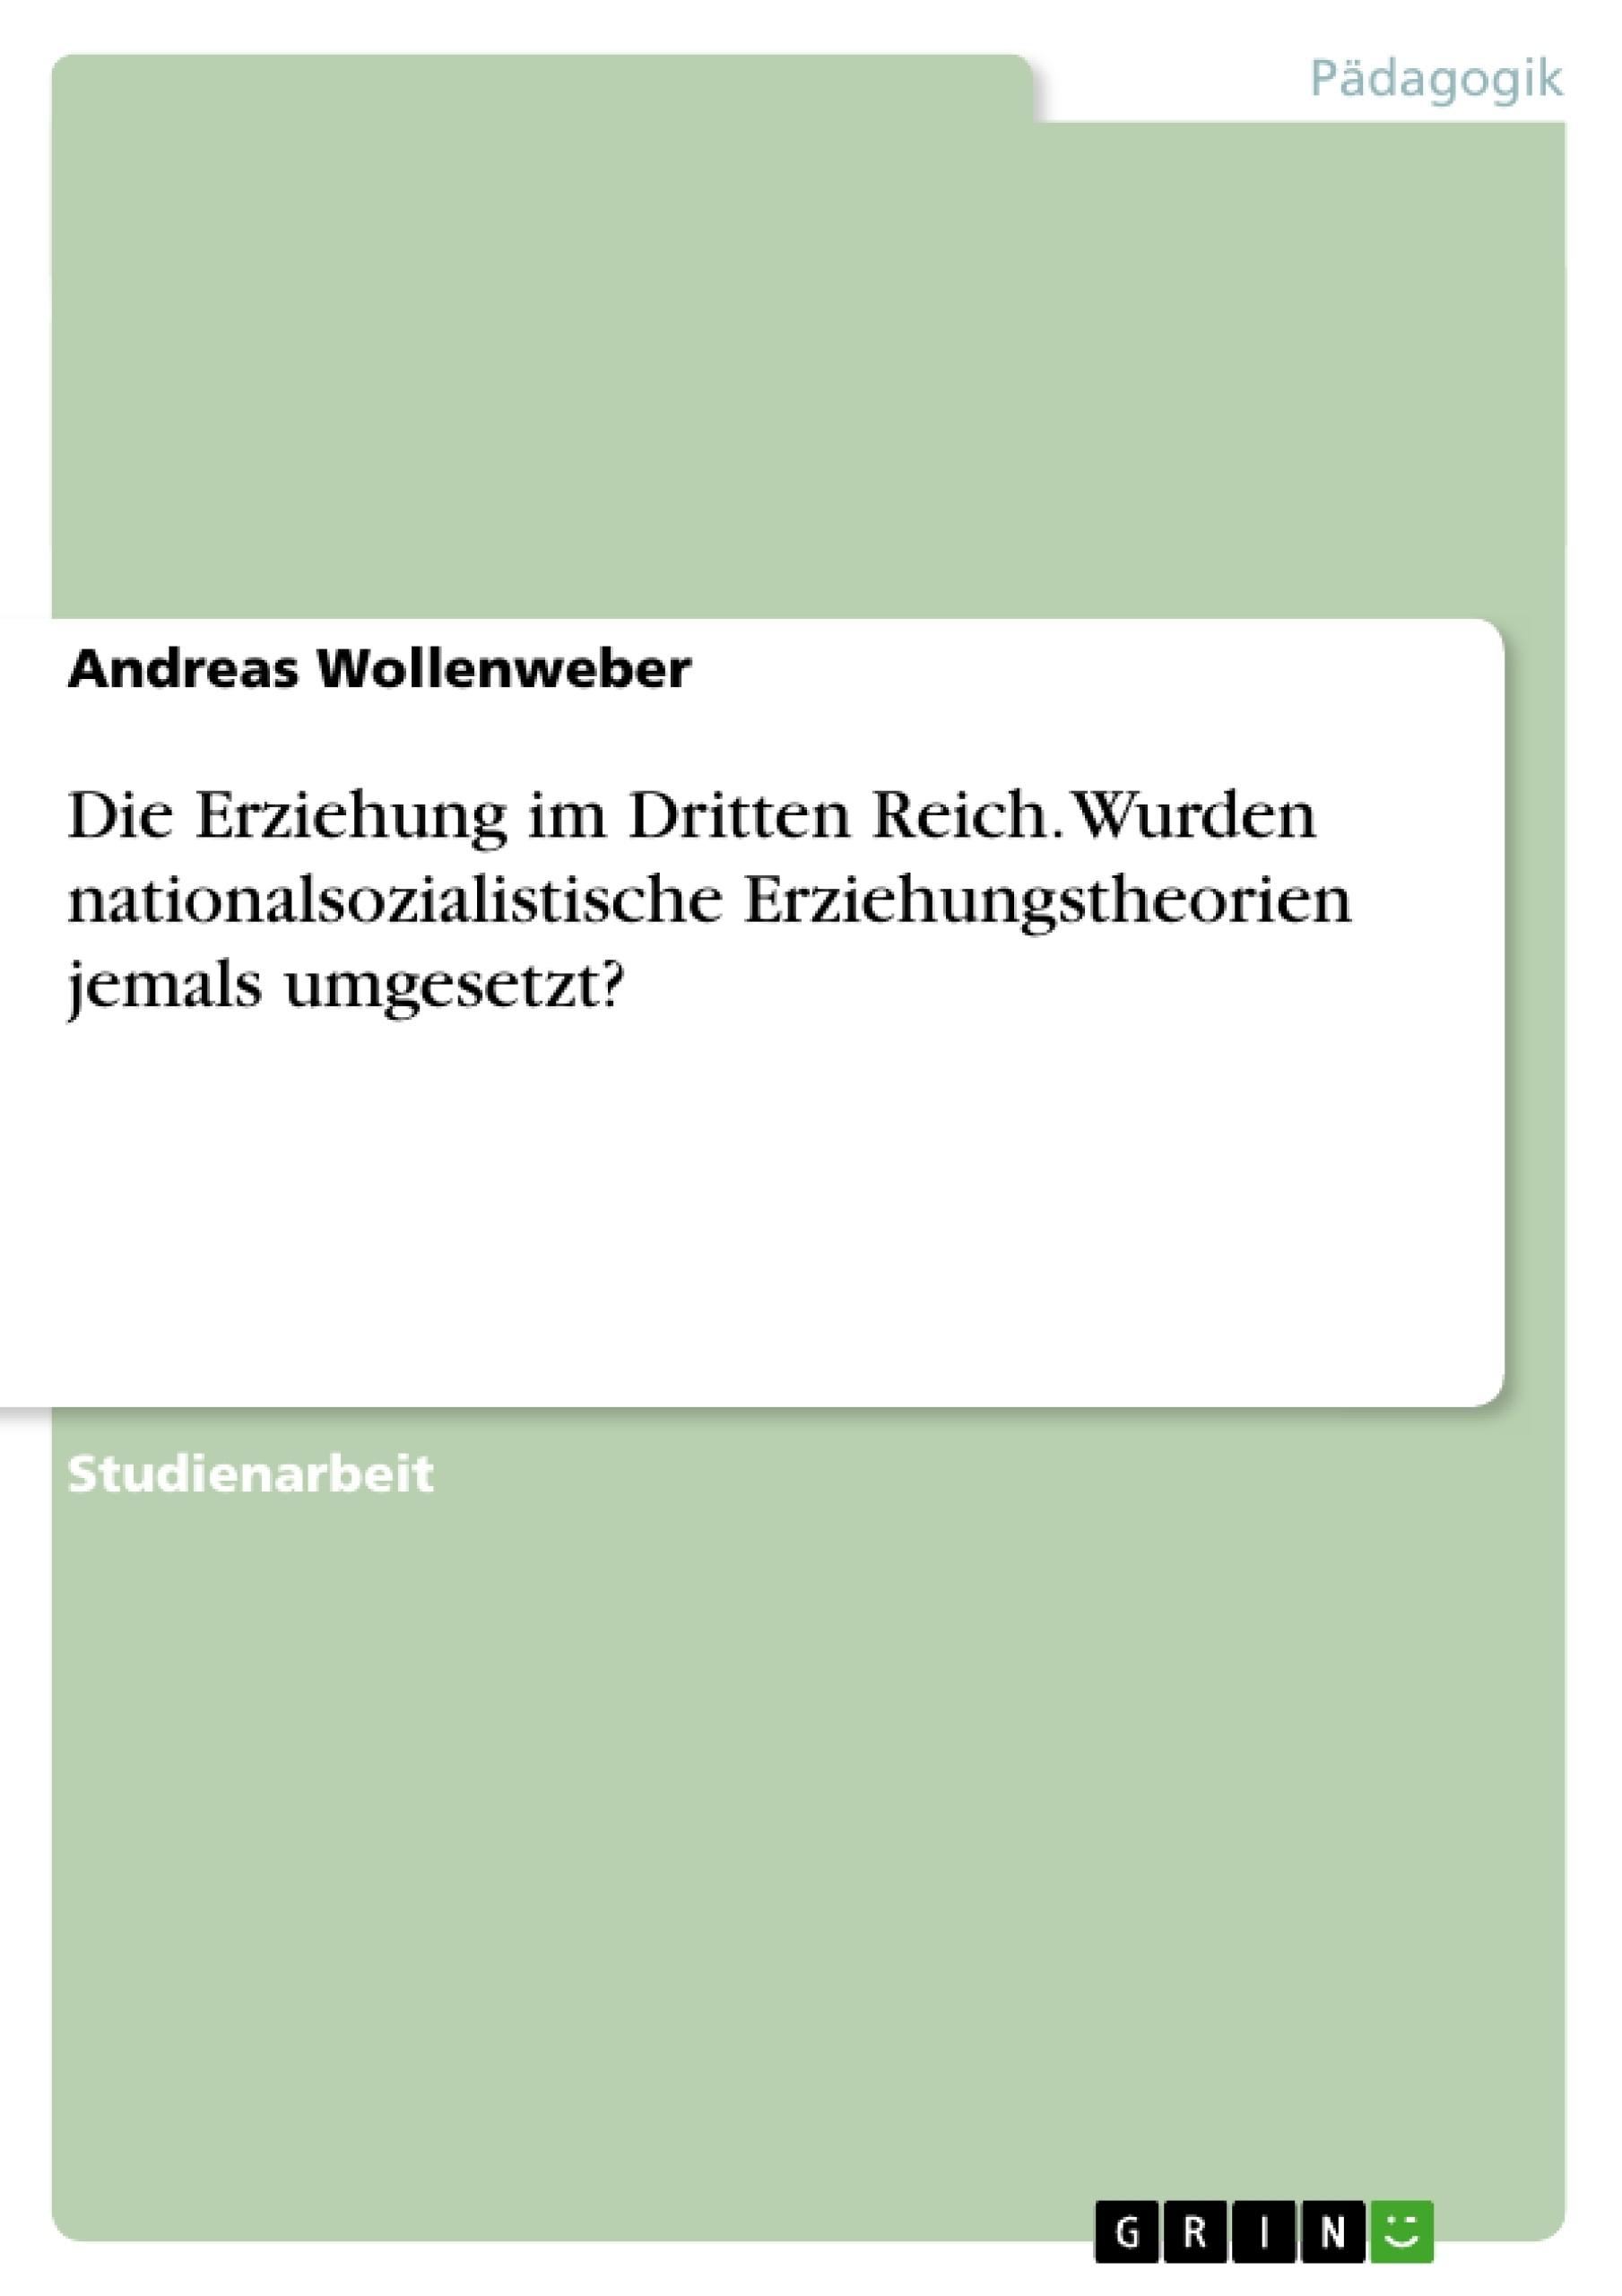 Titel: Die Erziehung im Dritten Reich. Wurden nationalsozialistische Erziehungstheorien jemals umgesetzt?